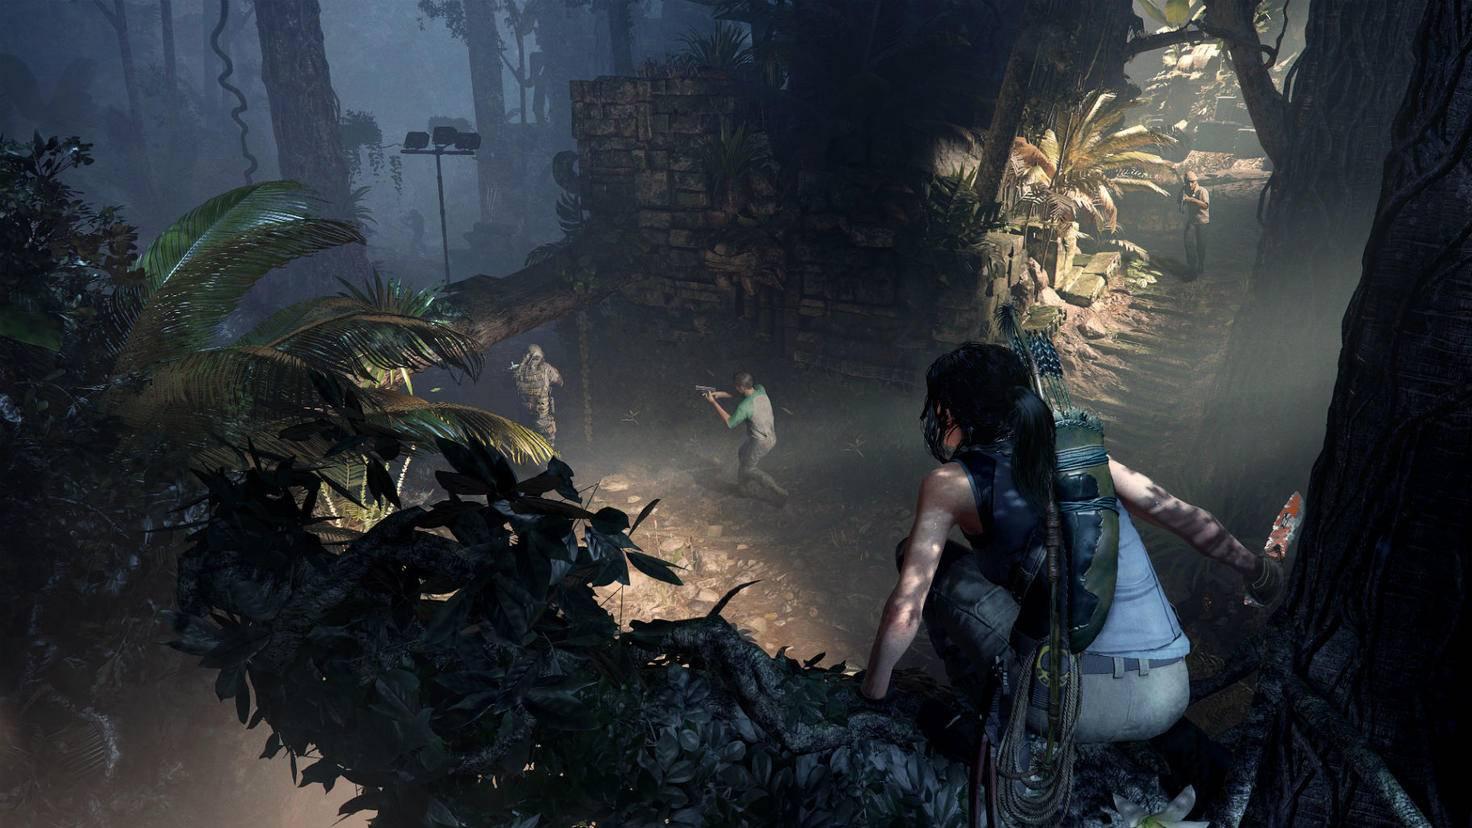 """Erst beobachten, dann lautlos zuschlagen: Lara Croft mutiert in """"Shadow of the Tomb Raider"""" endgültig zum Raubtier."""